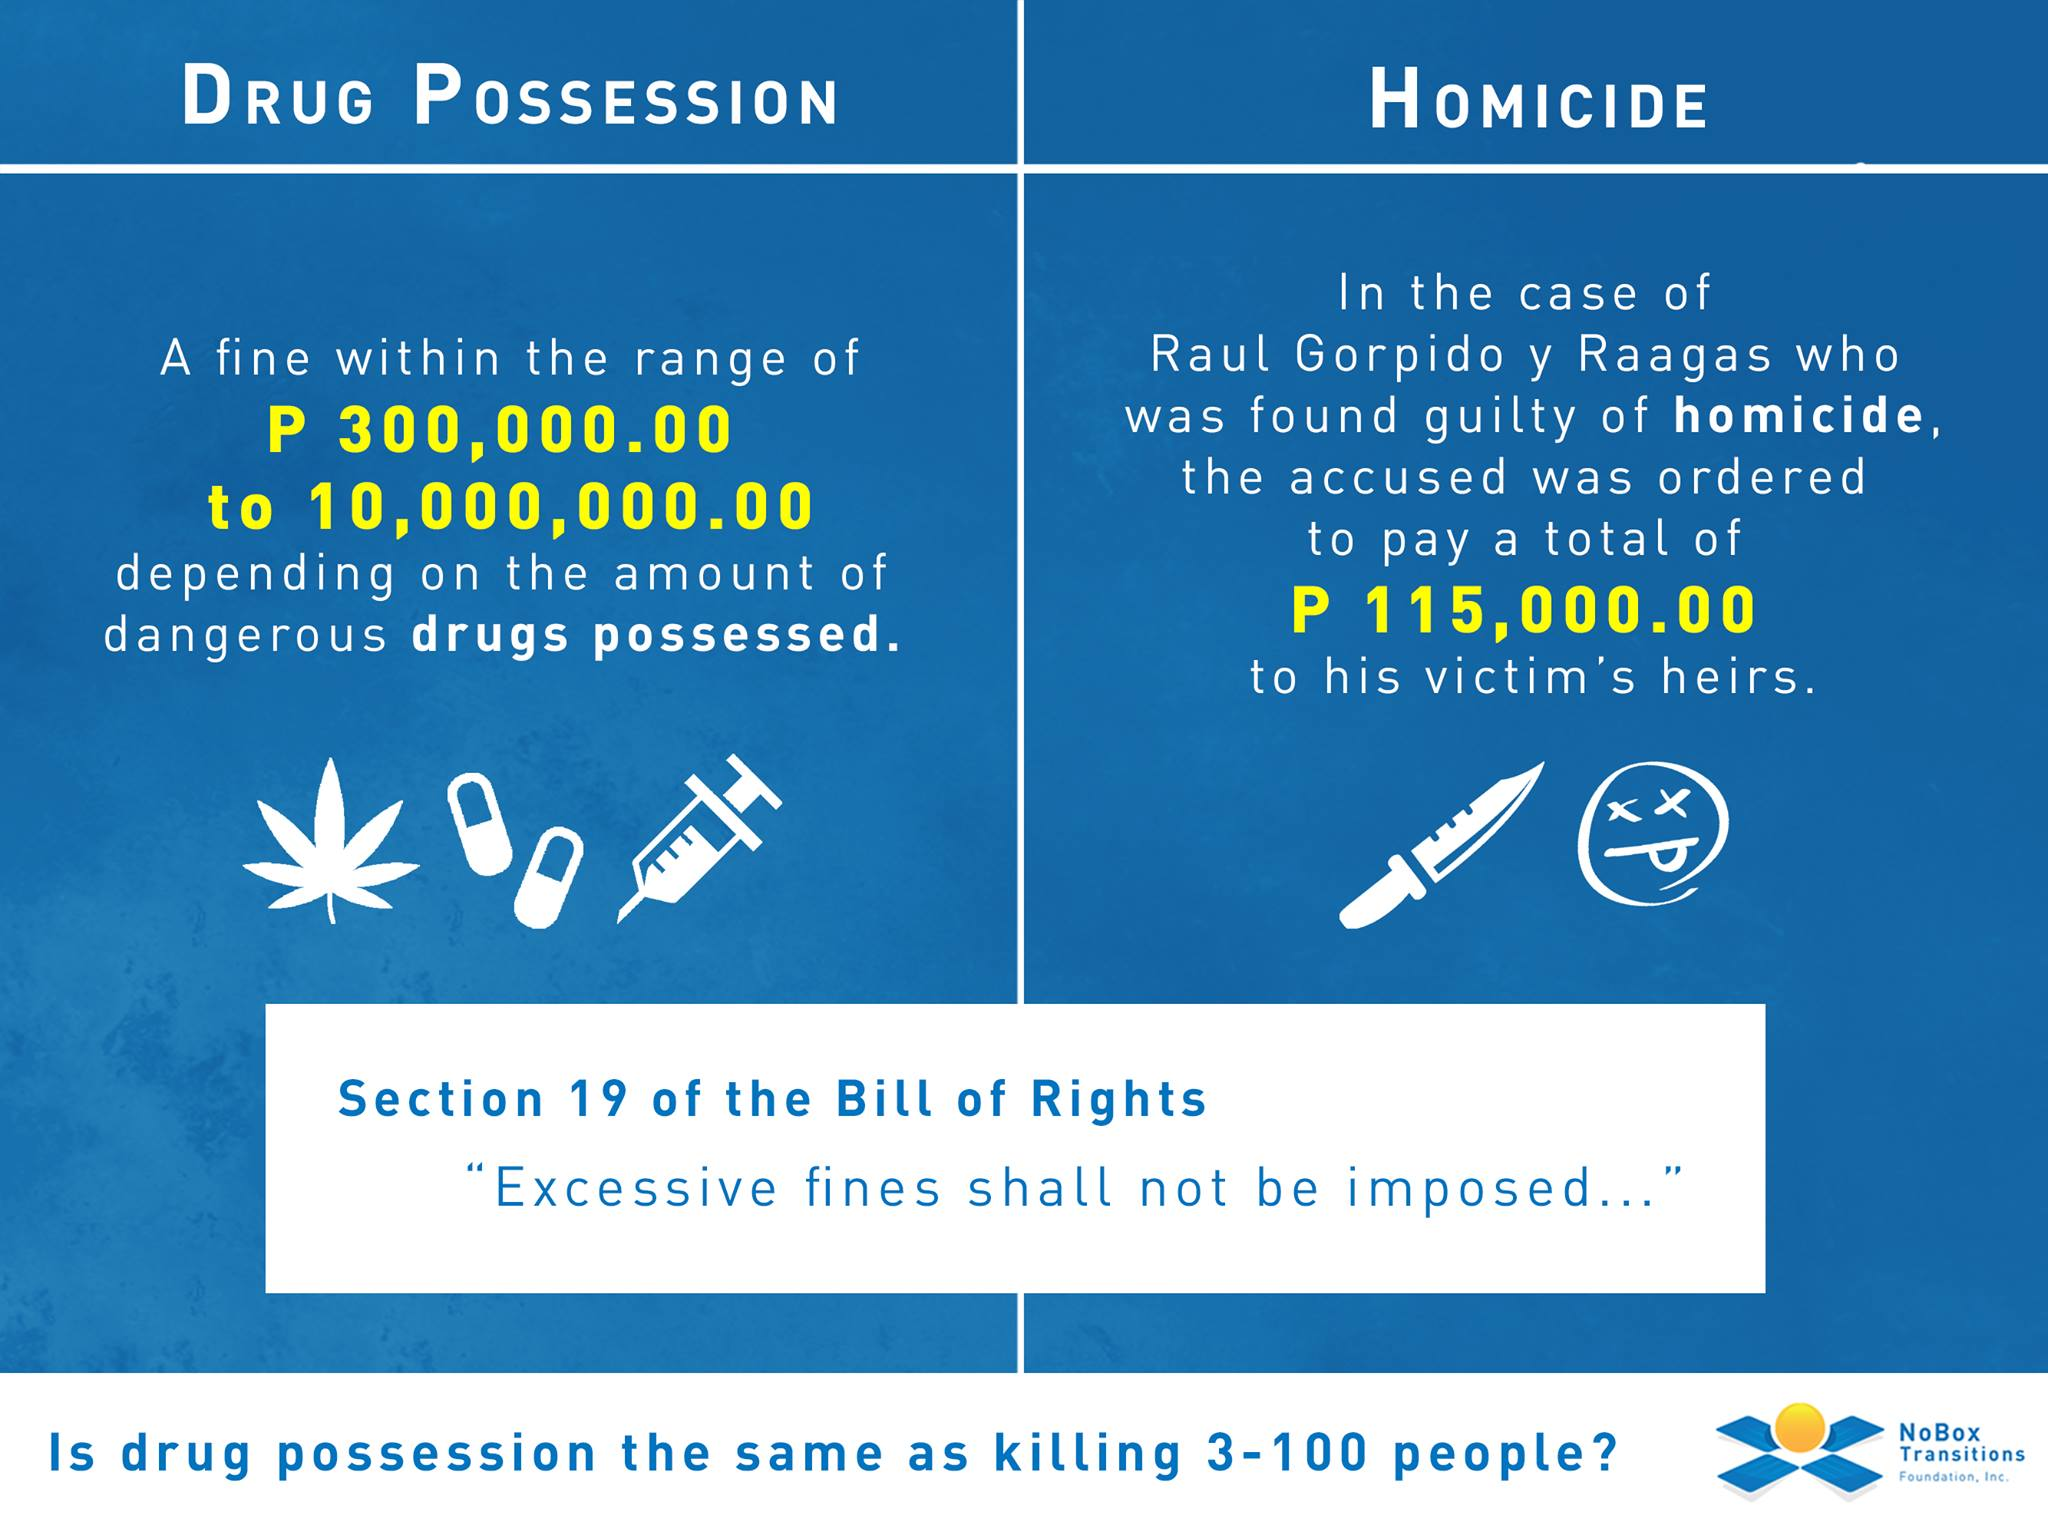 Drug possession vs homicide